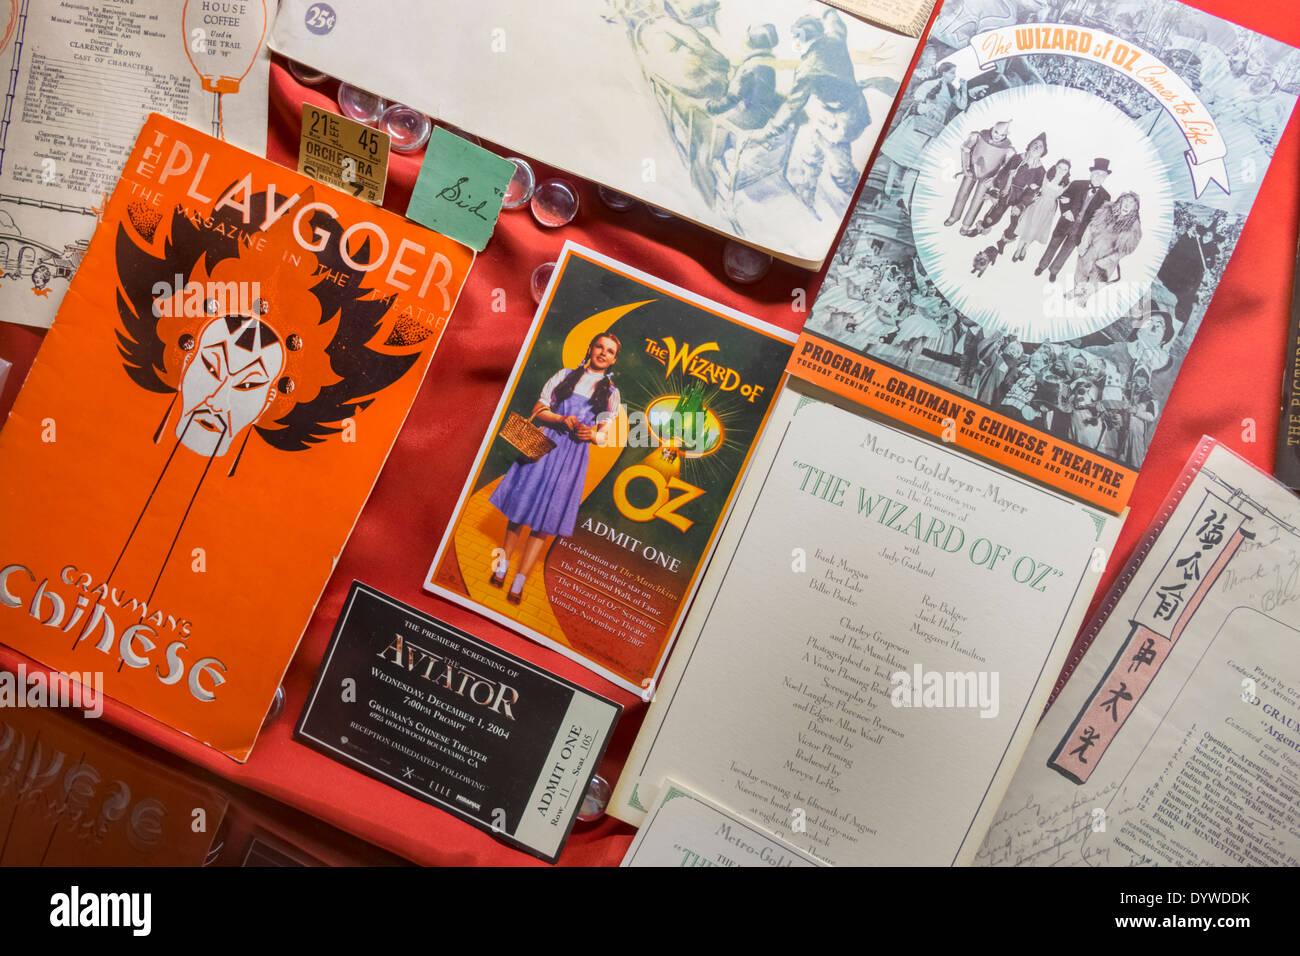 CA LA Californie Los Angeles Hollywood Boulevard cinéma Grauman's Chinese Theatre TCL cinéma théâtre historique monument playbill Wizard of Oz e Photo Stock